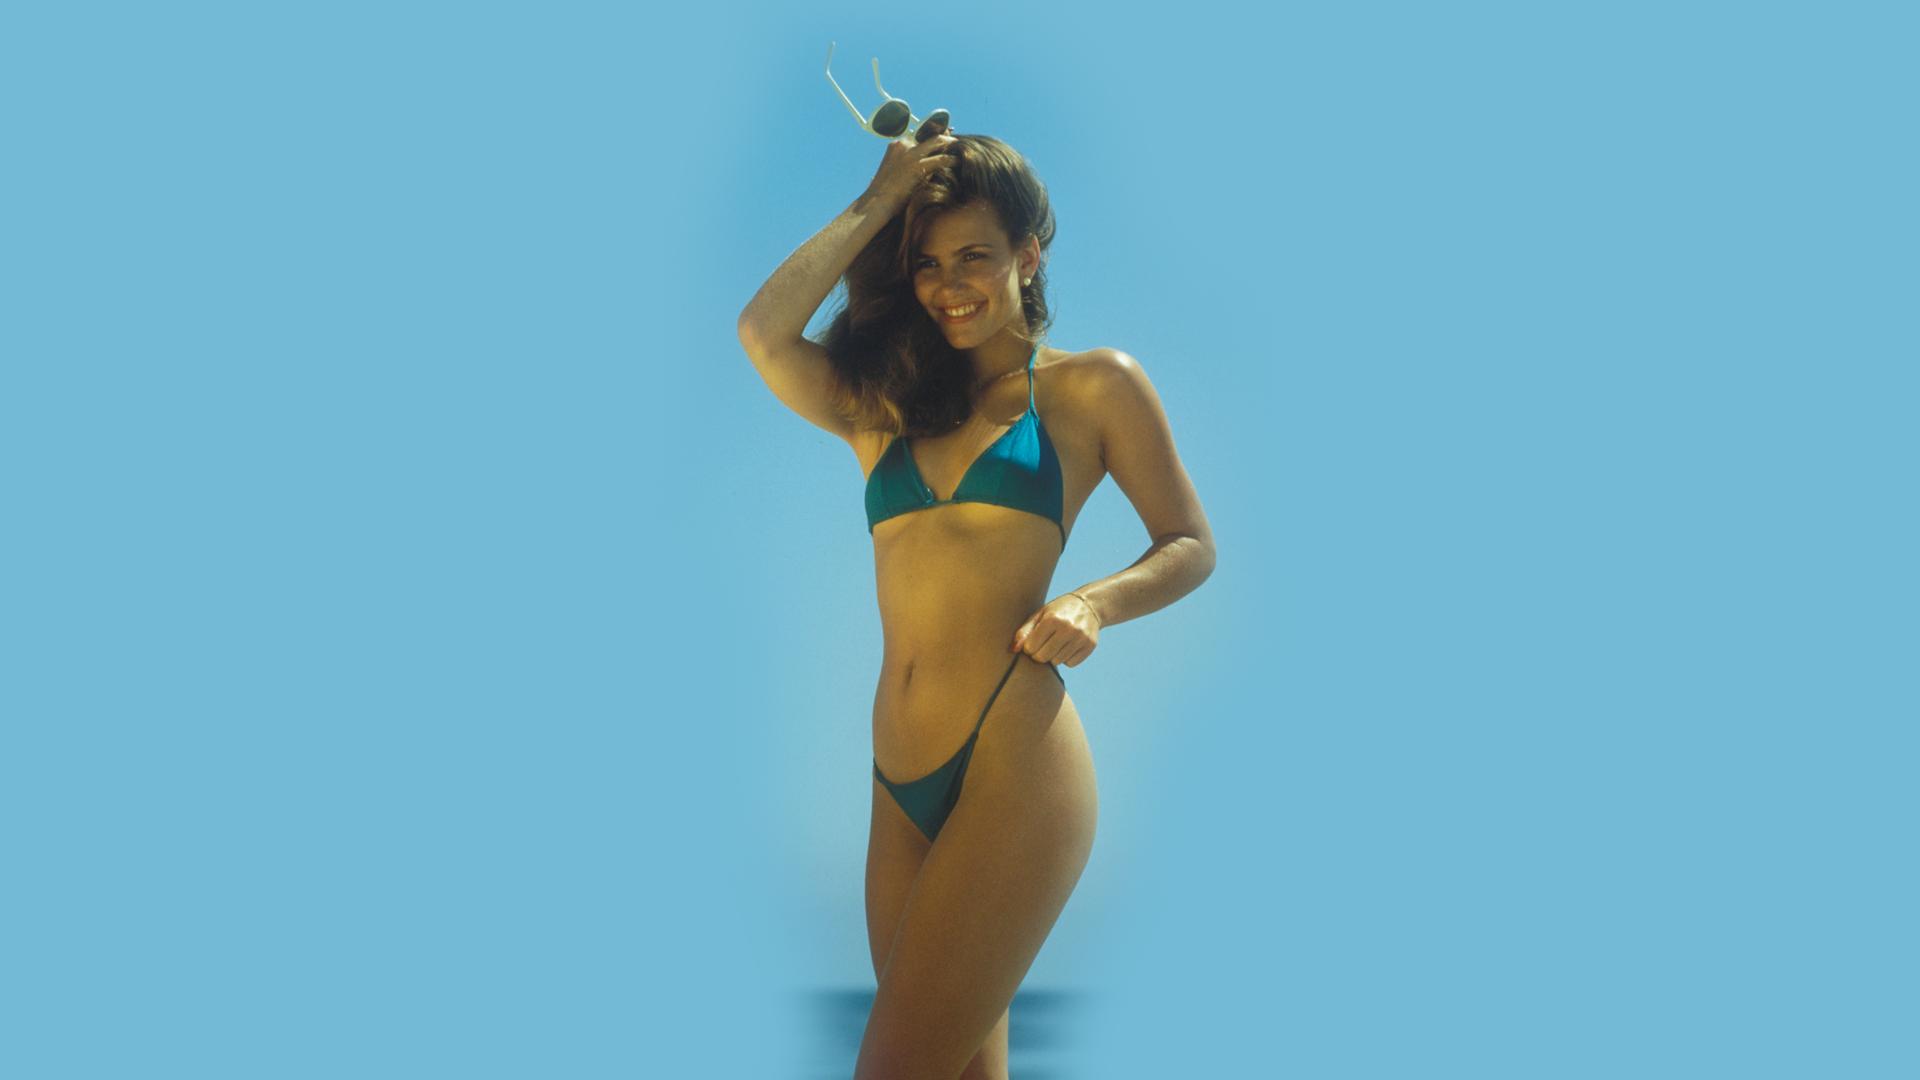 Bikini Tawny Kitaen nude (78 pics), Bikini